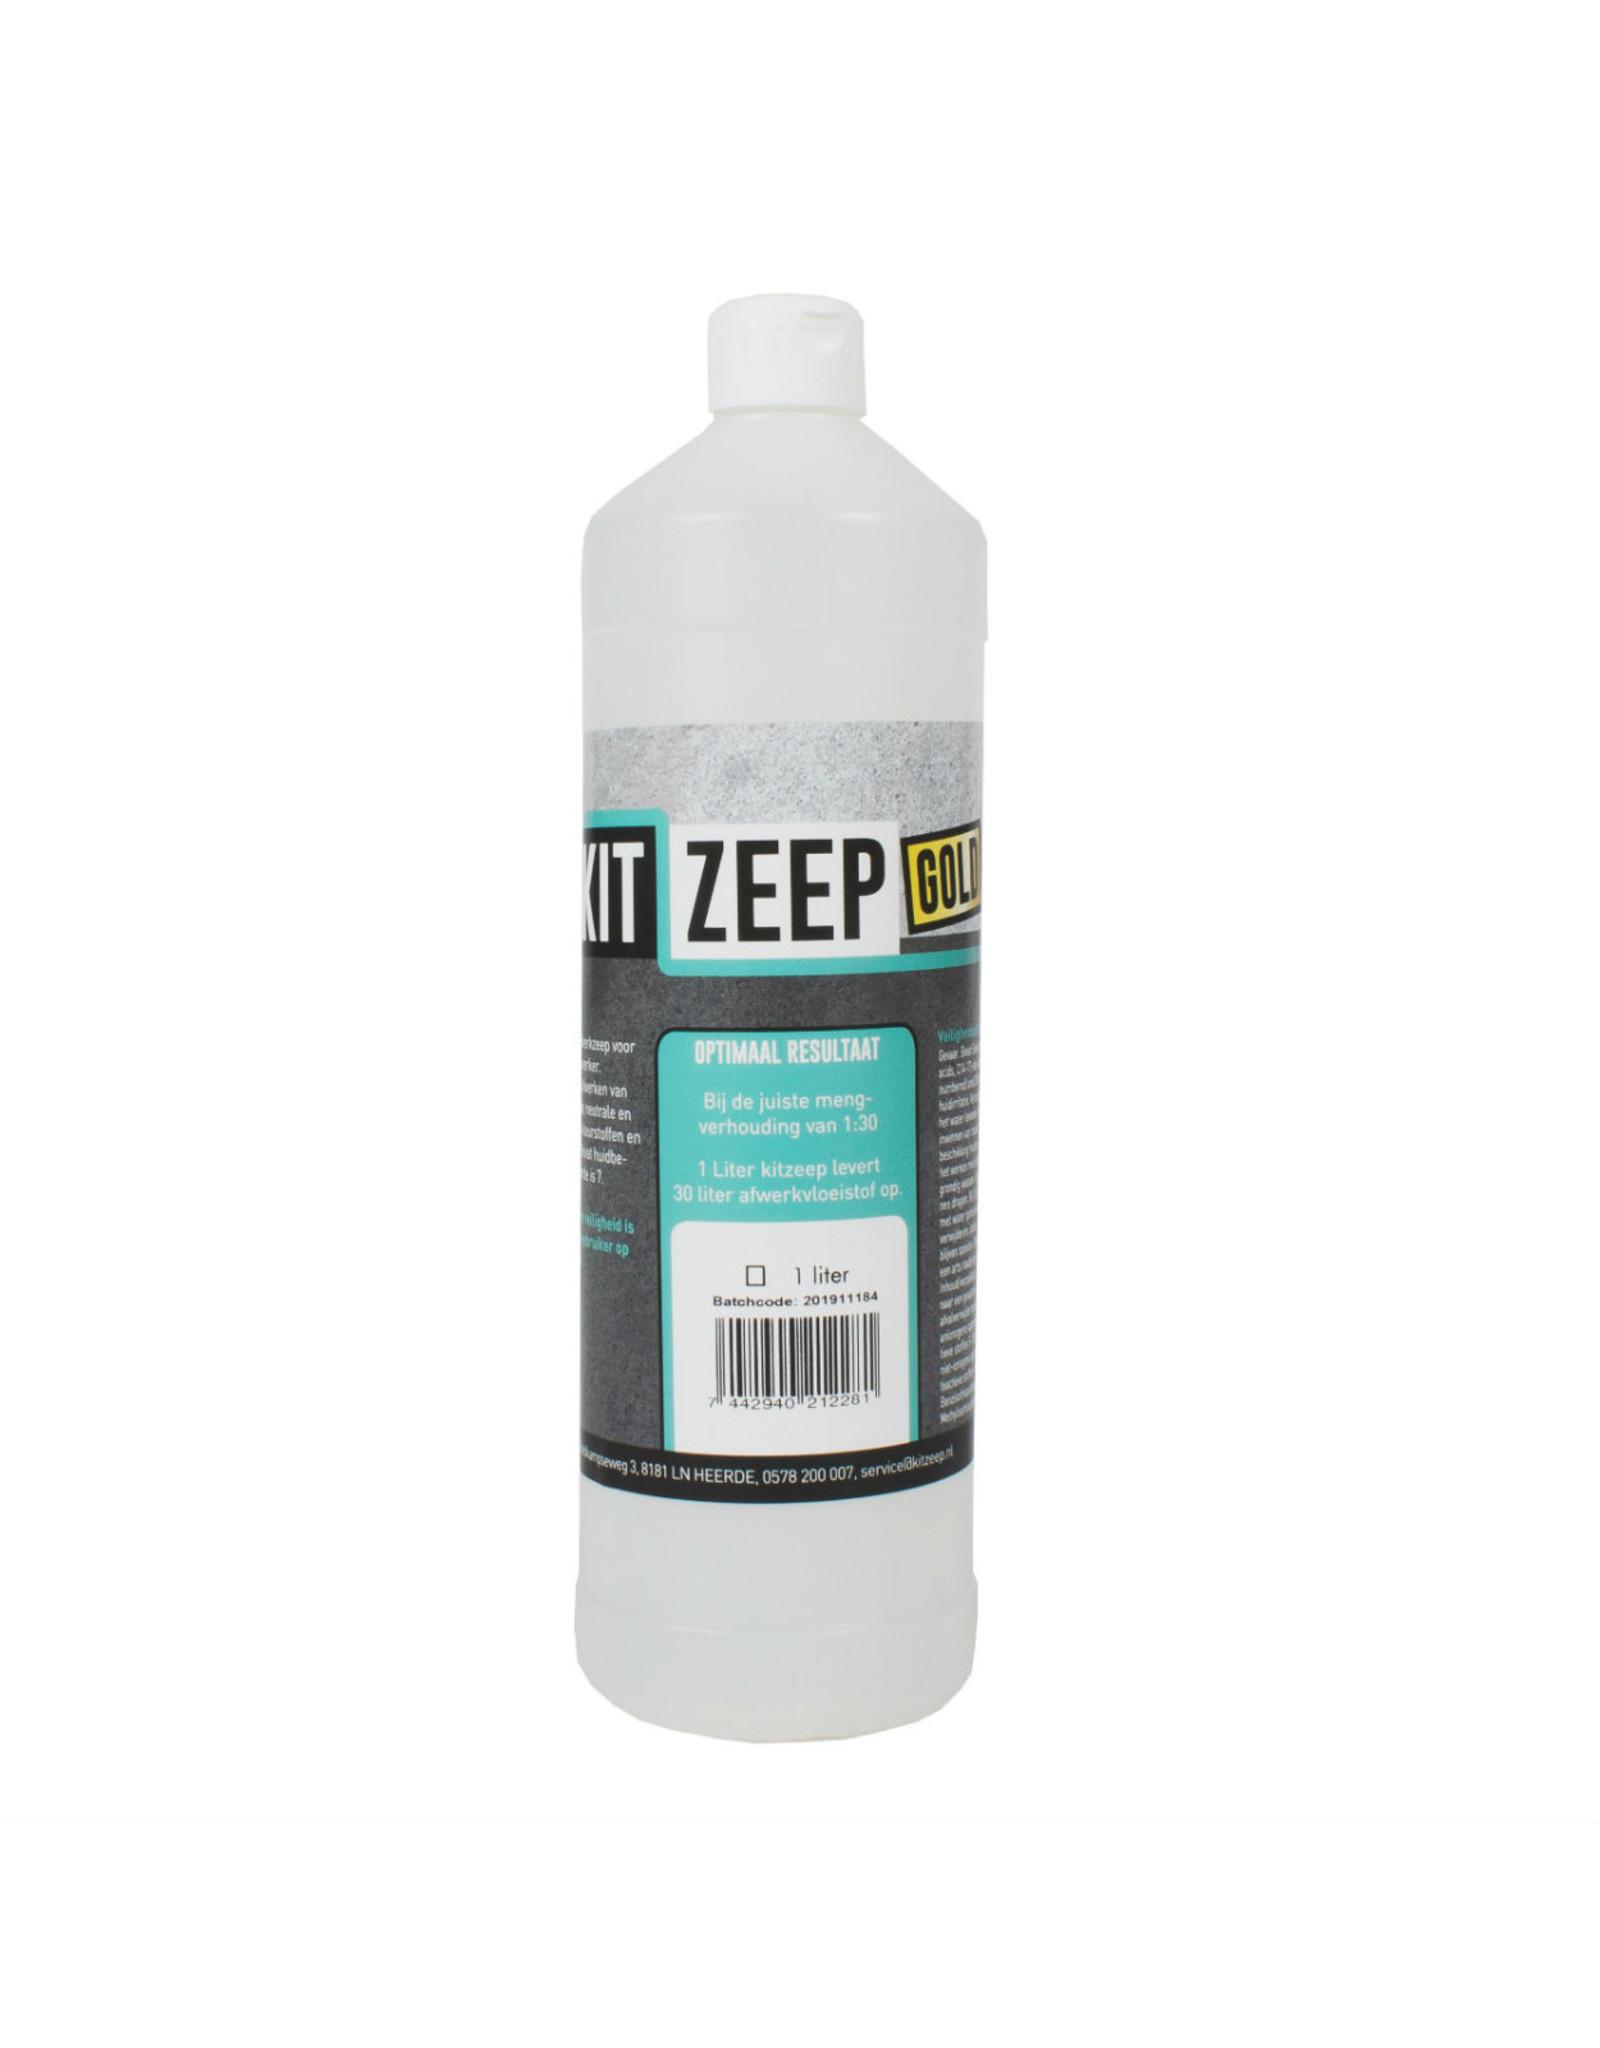 Kitzeep Gold 1 liter flacon